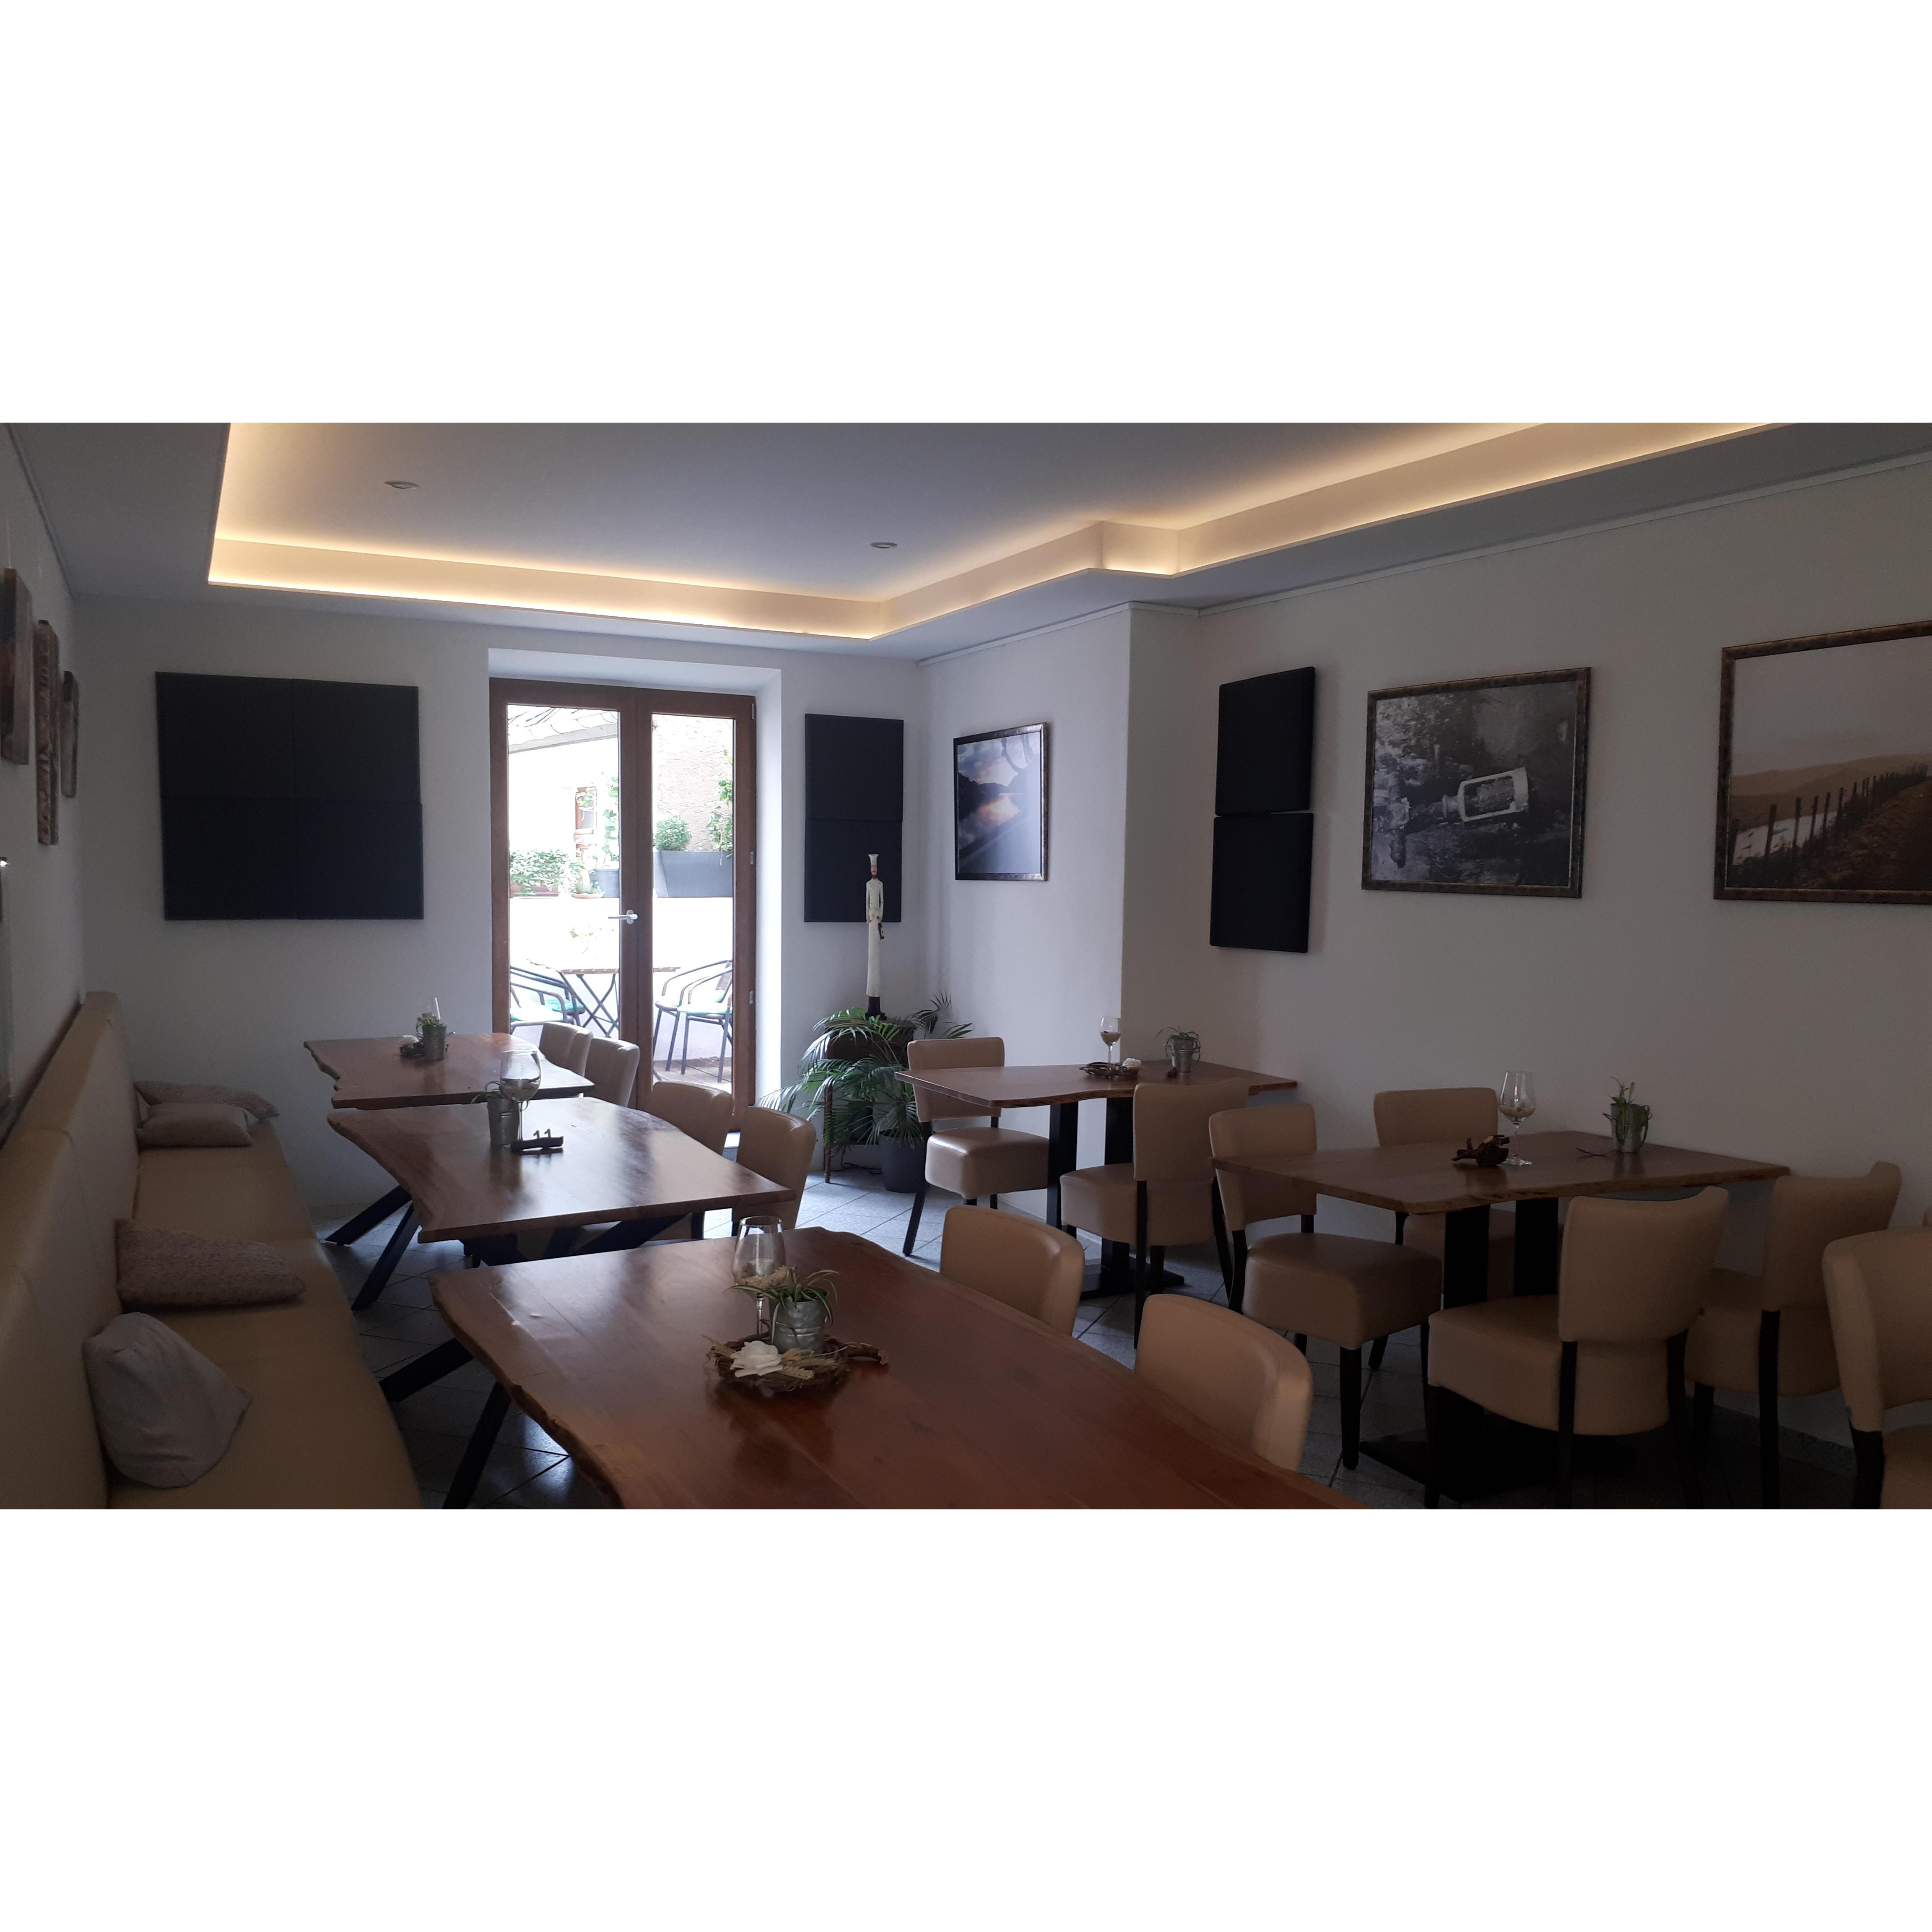 Bild zu Korkenzieher - Restaurant/Café in Briedel